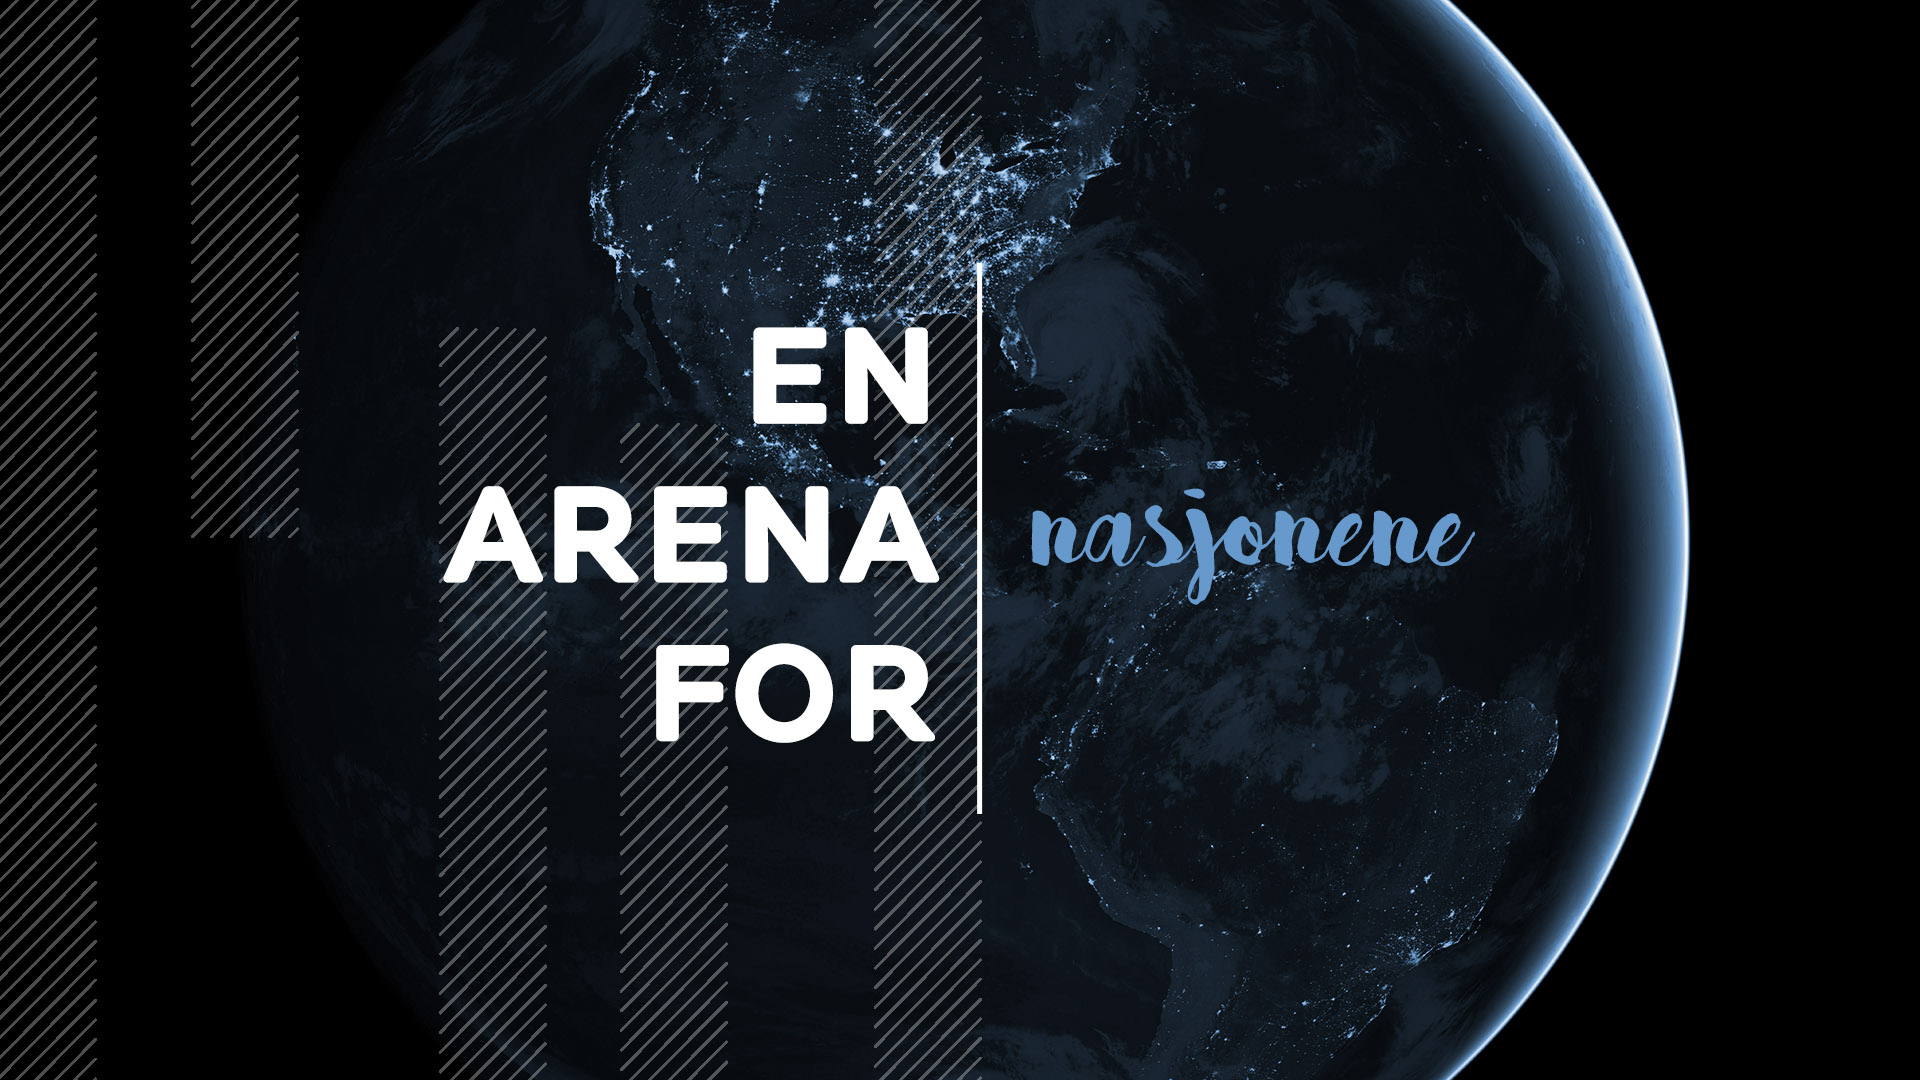 En arena for nasjonene, G1 & G2